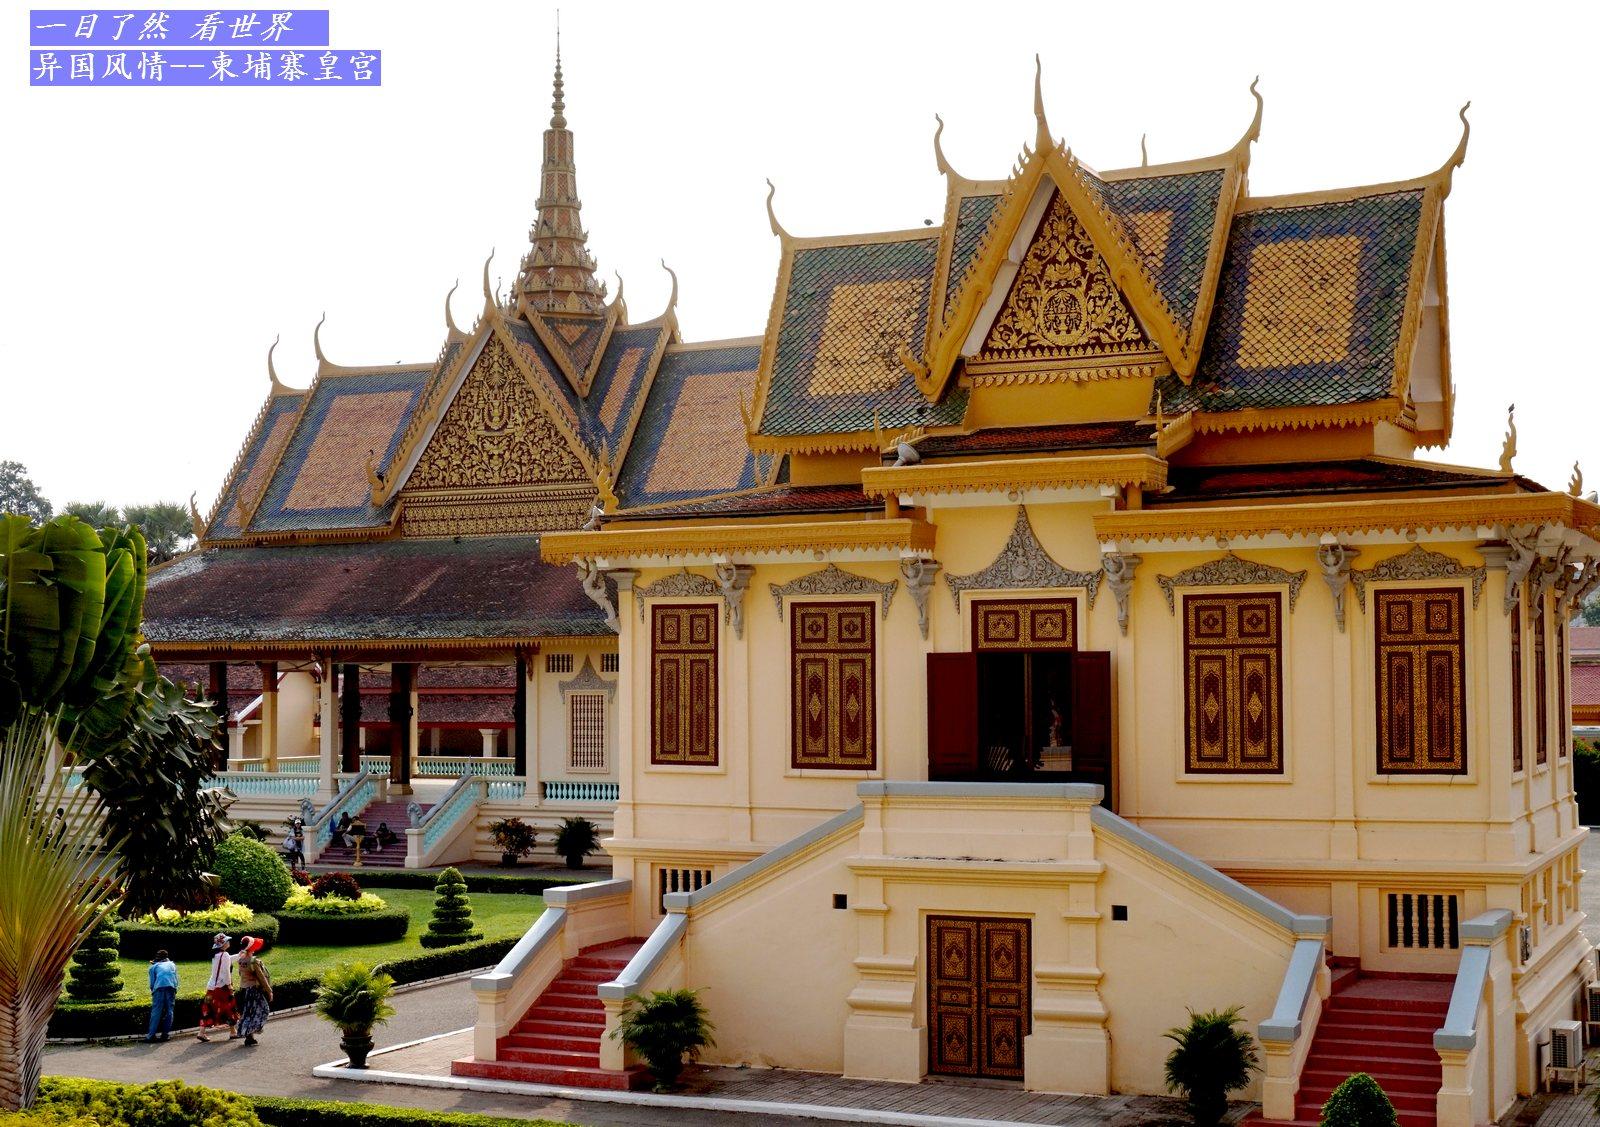 柬埔寨皇宫-41-1600.jpg